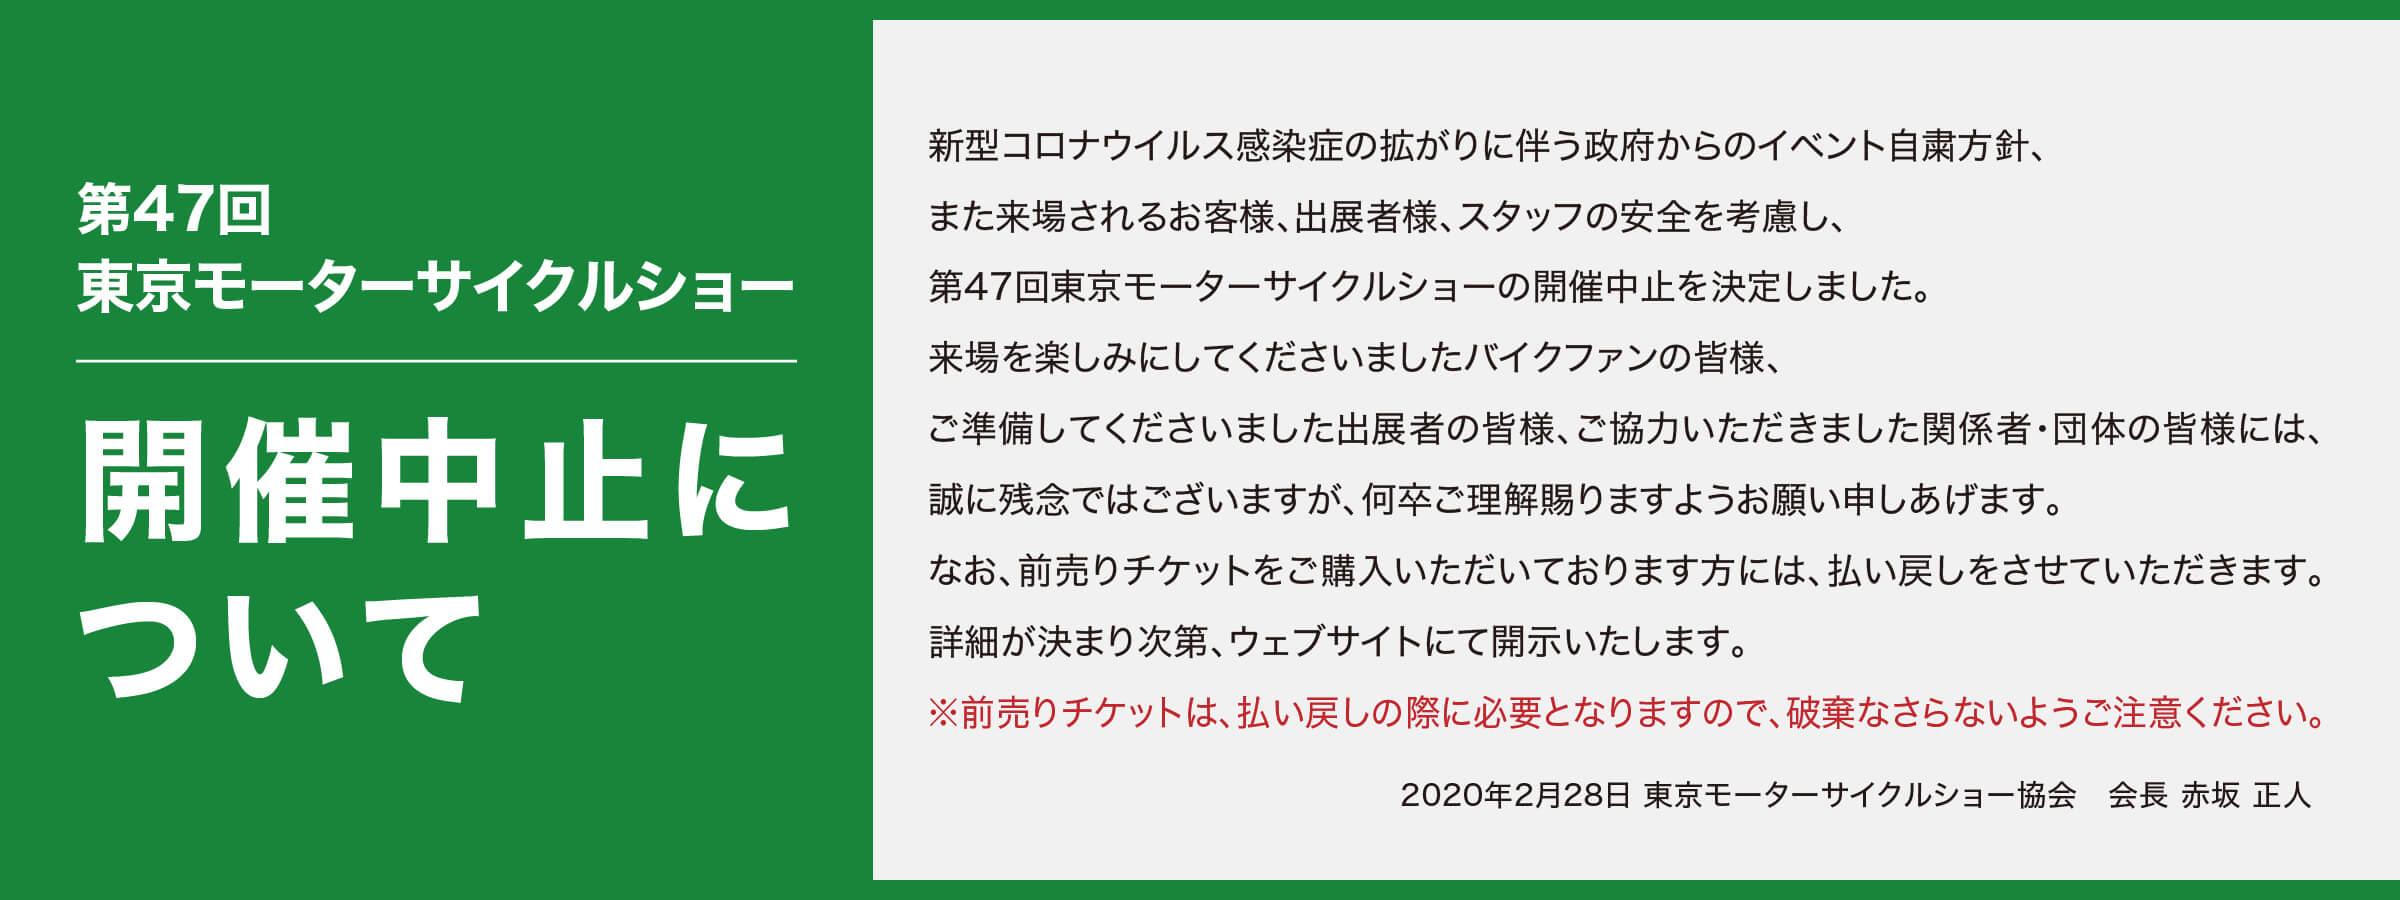 東京&大阪モーターサイクルショー中止が決定。。。